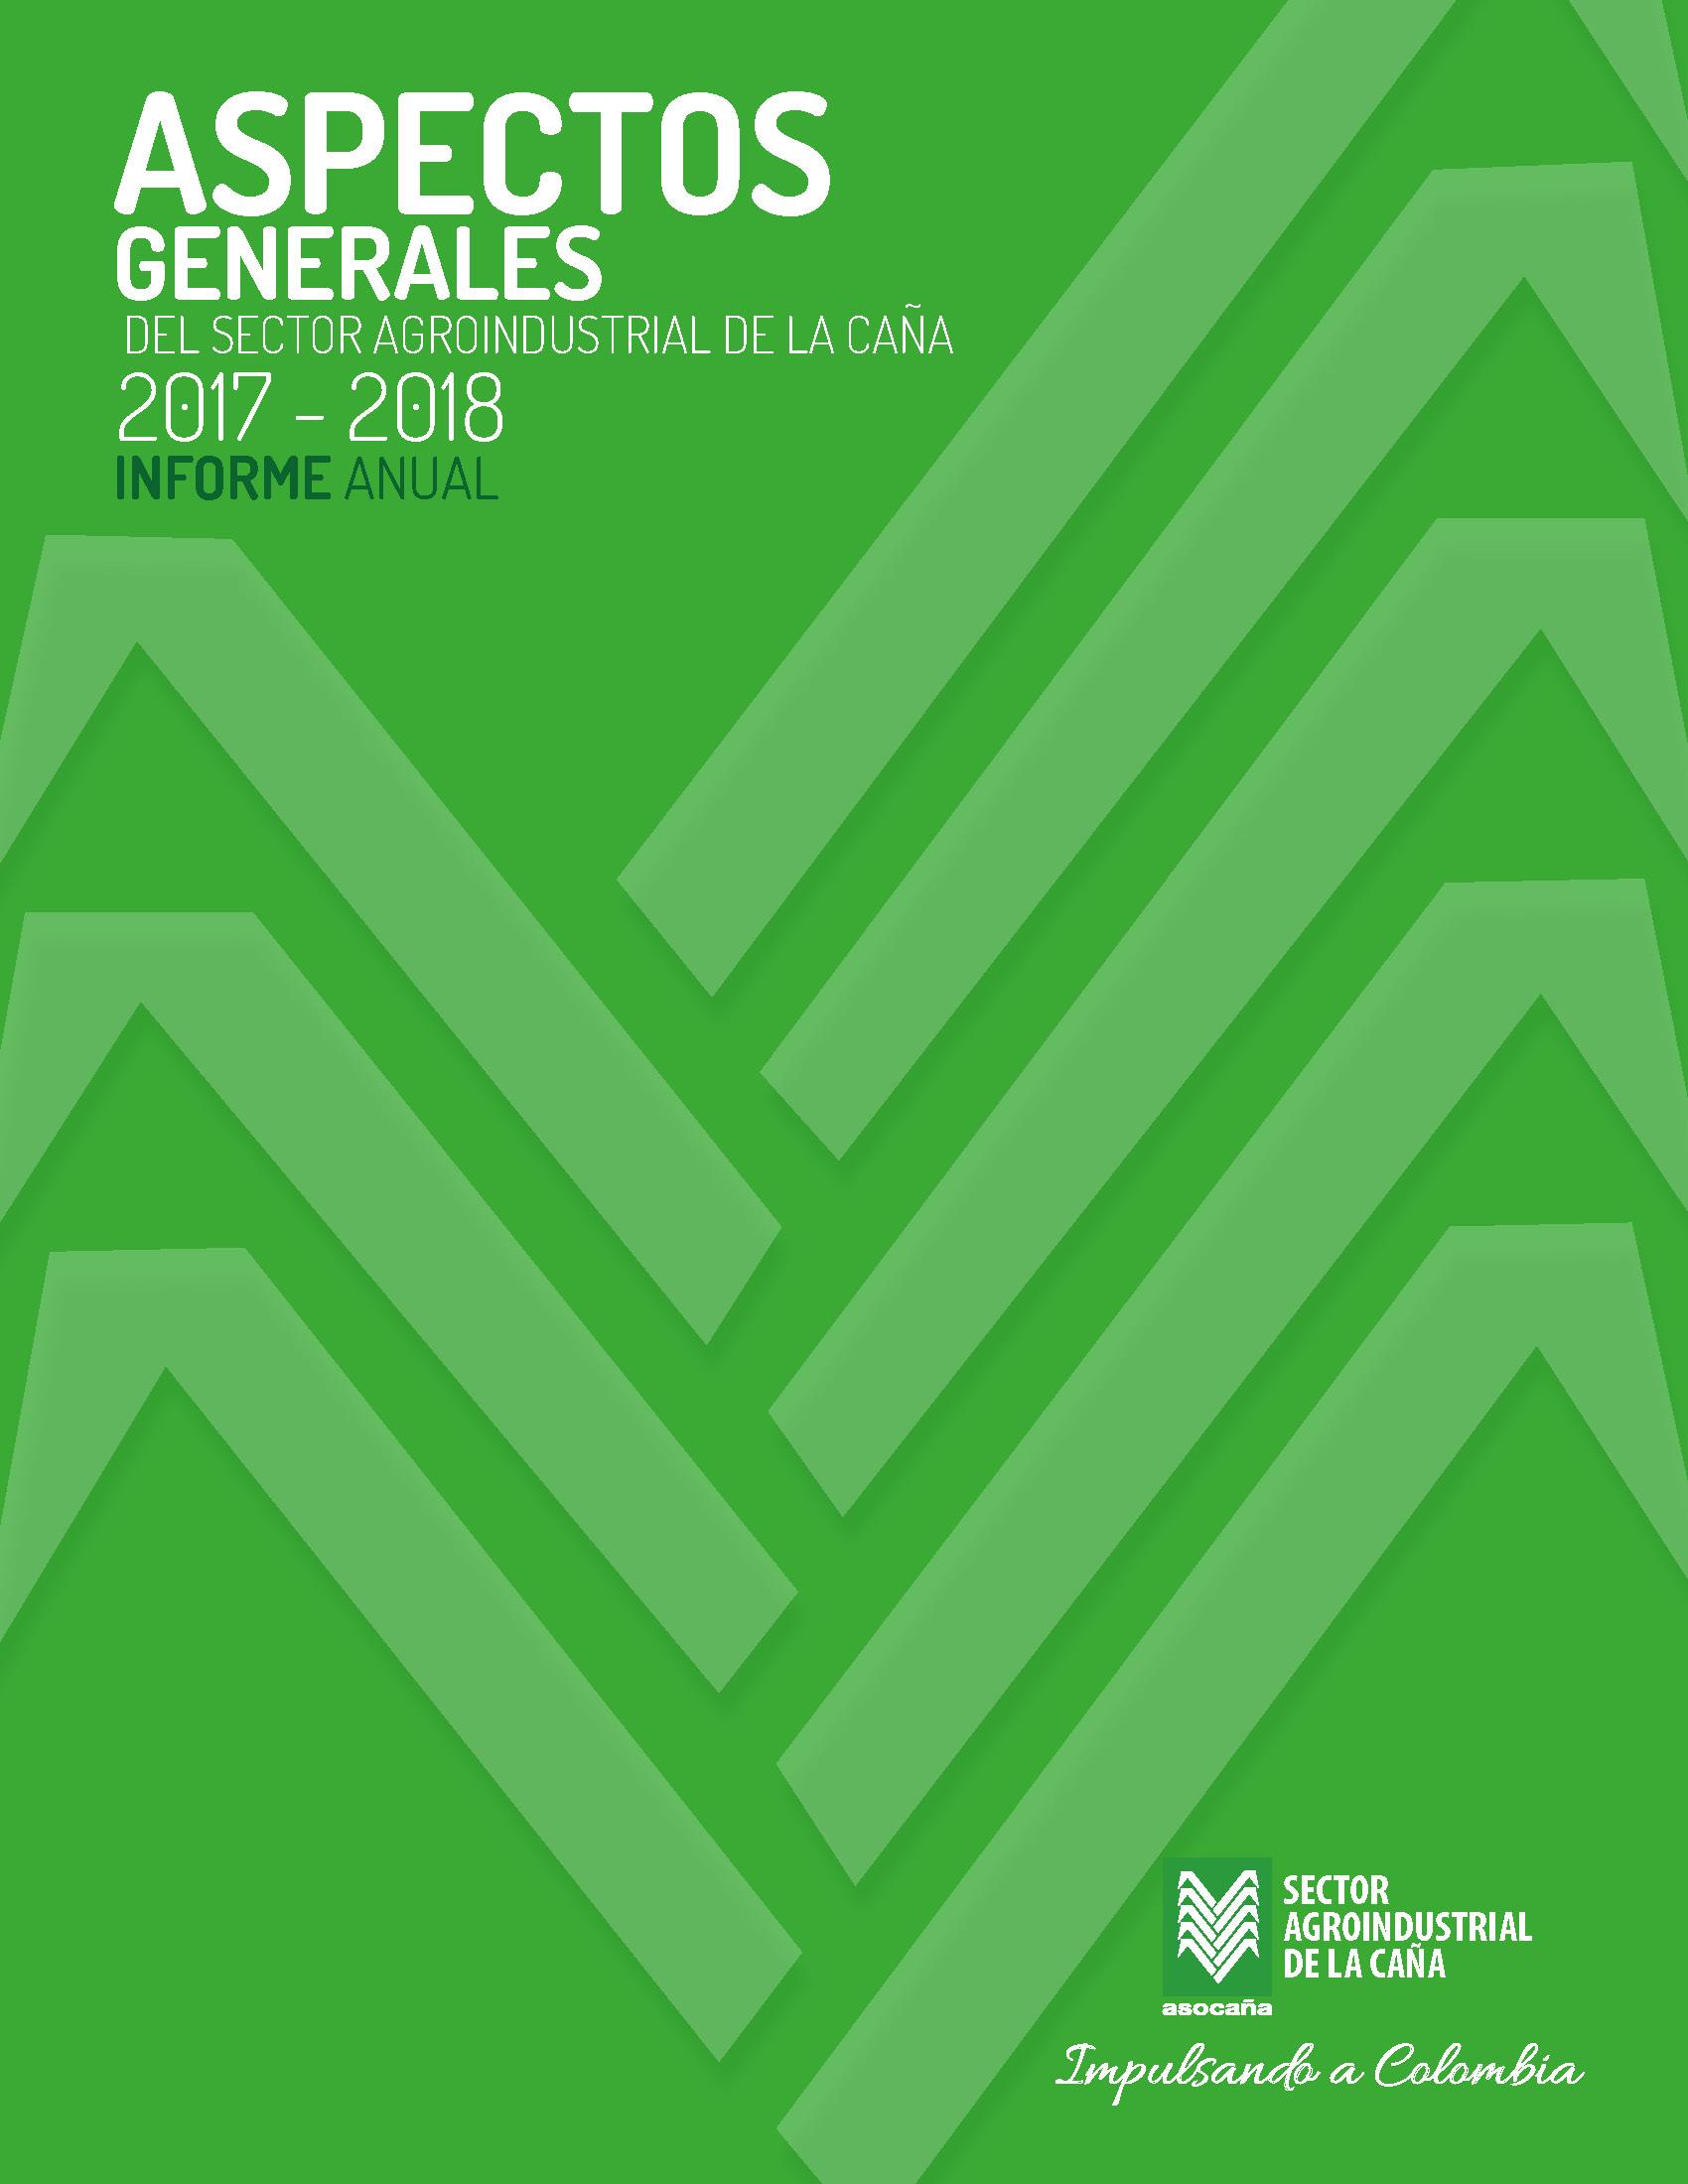 Informe anual 2017 - 2018